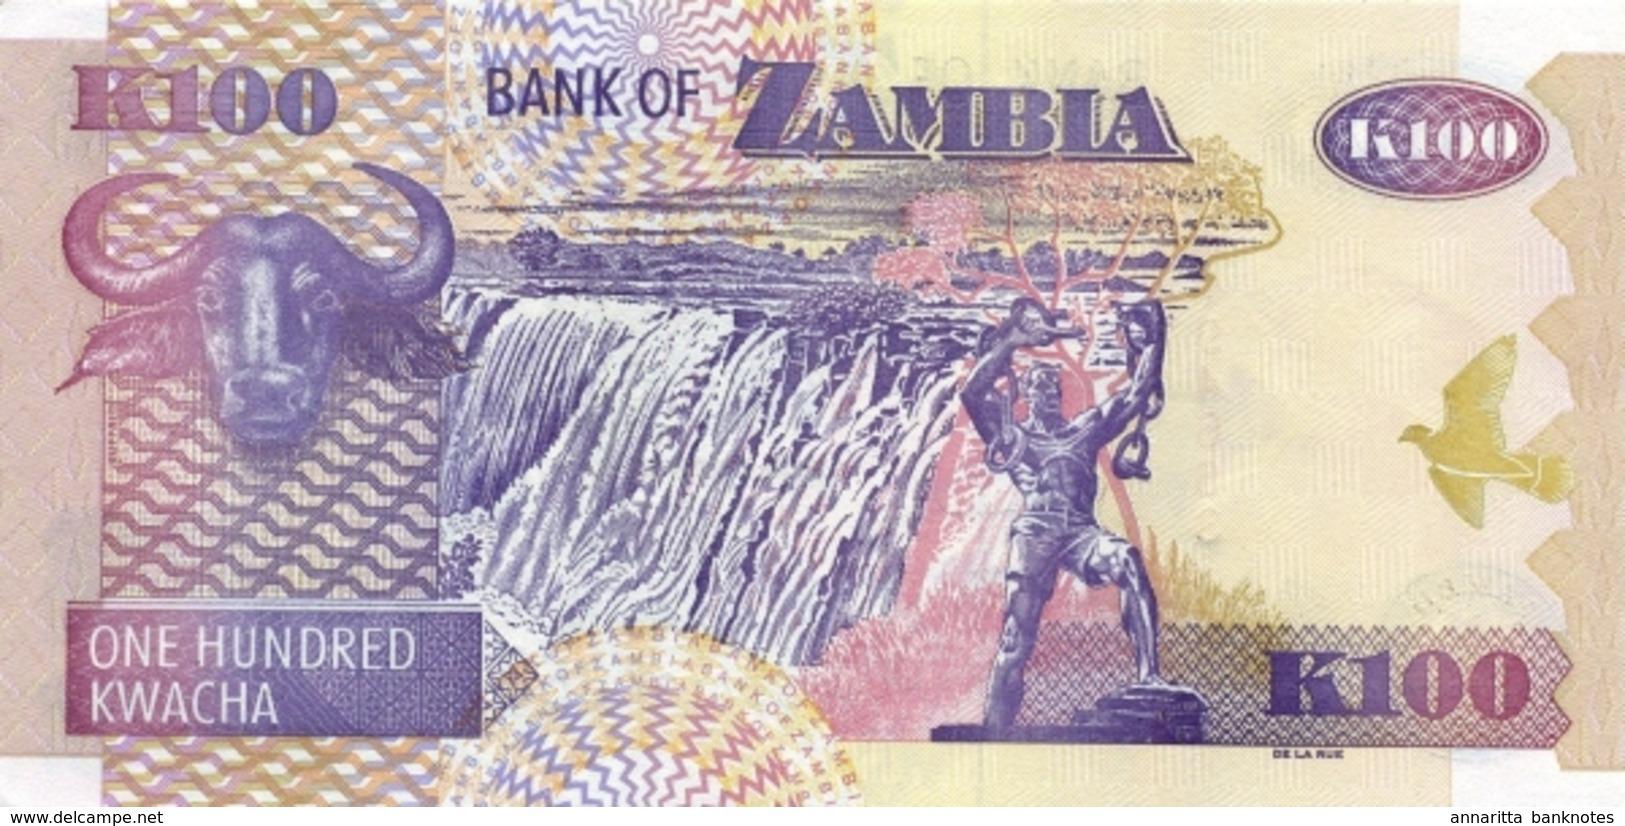 ZAMBIA 100 KWACHA 2009 P-38h UNC [ZM139i] - Zambia